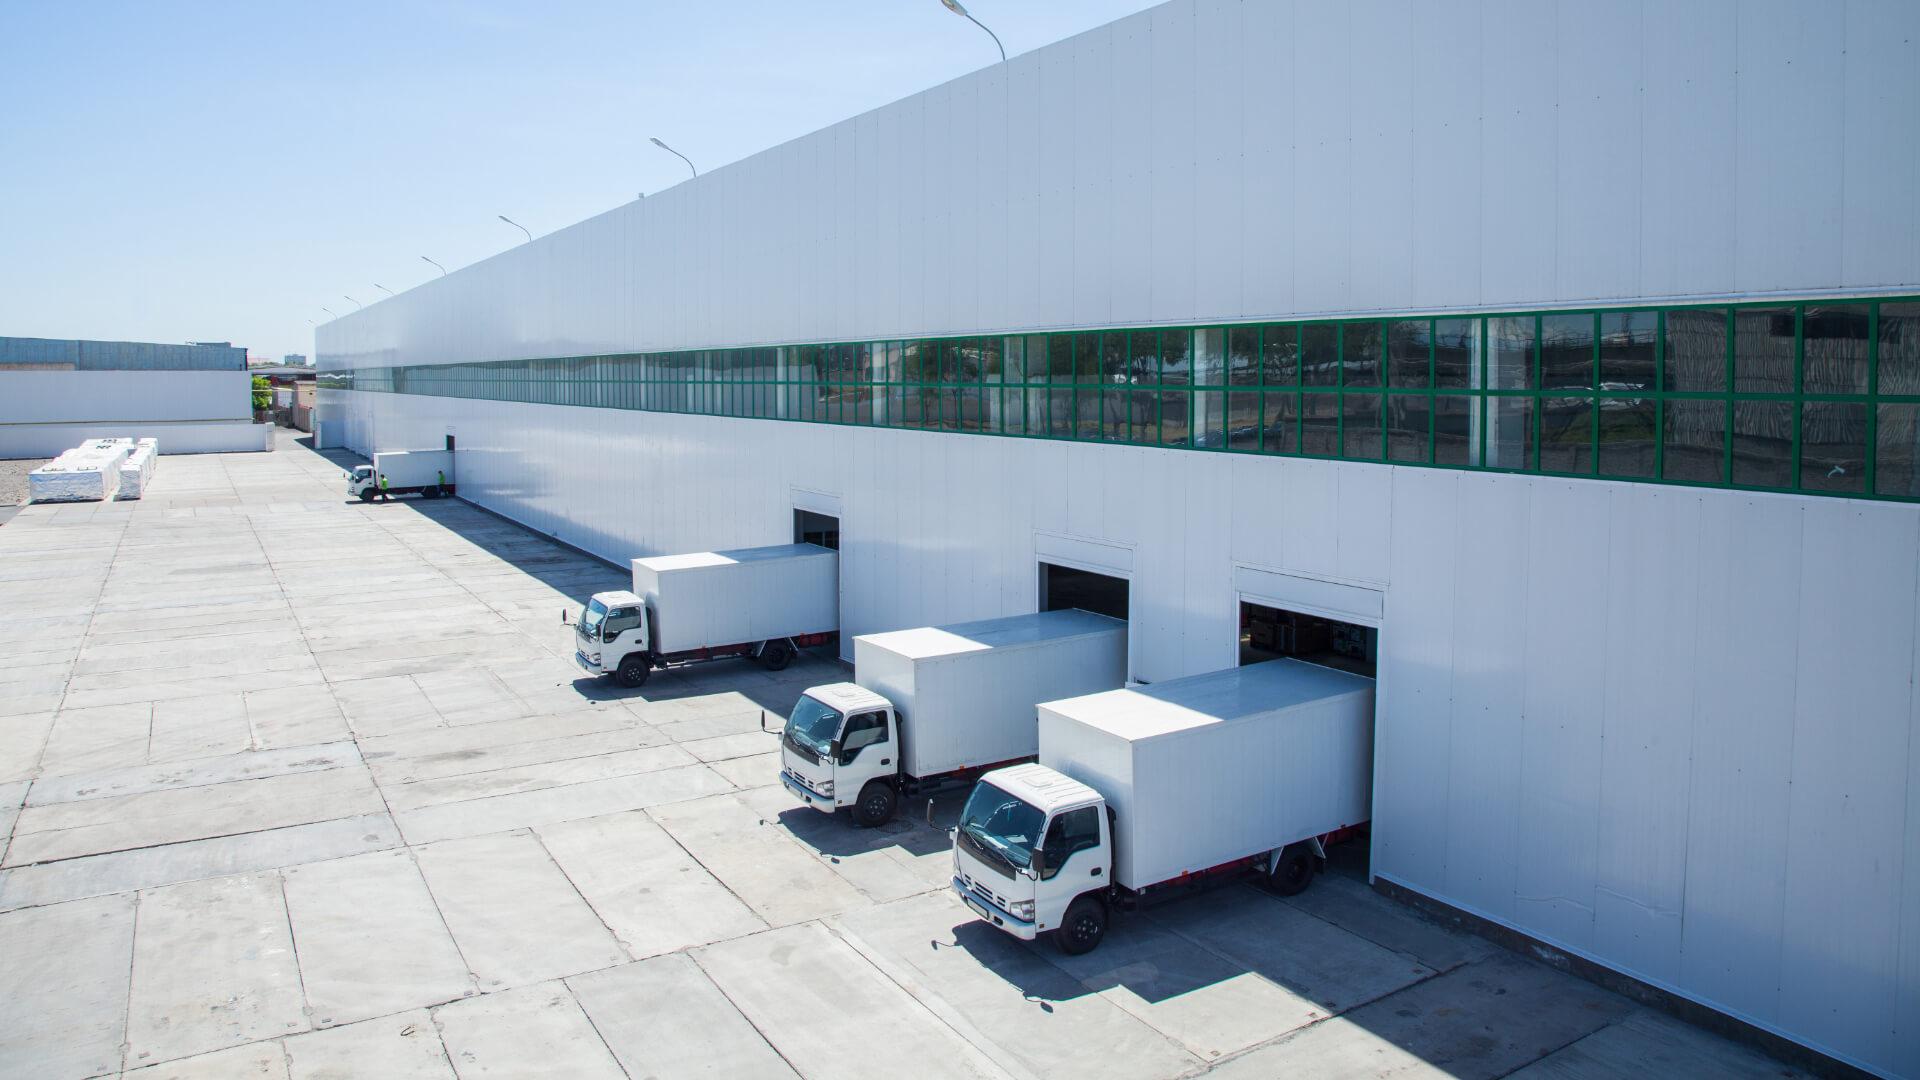 De Rijke Logistics - Warehouse Truck.jpg